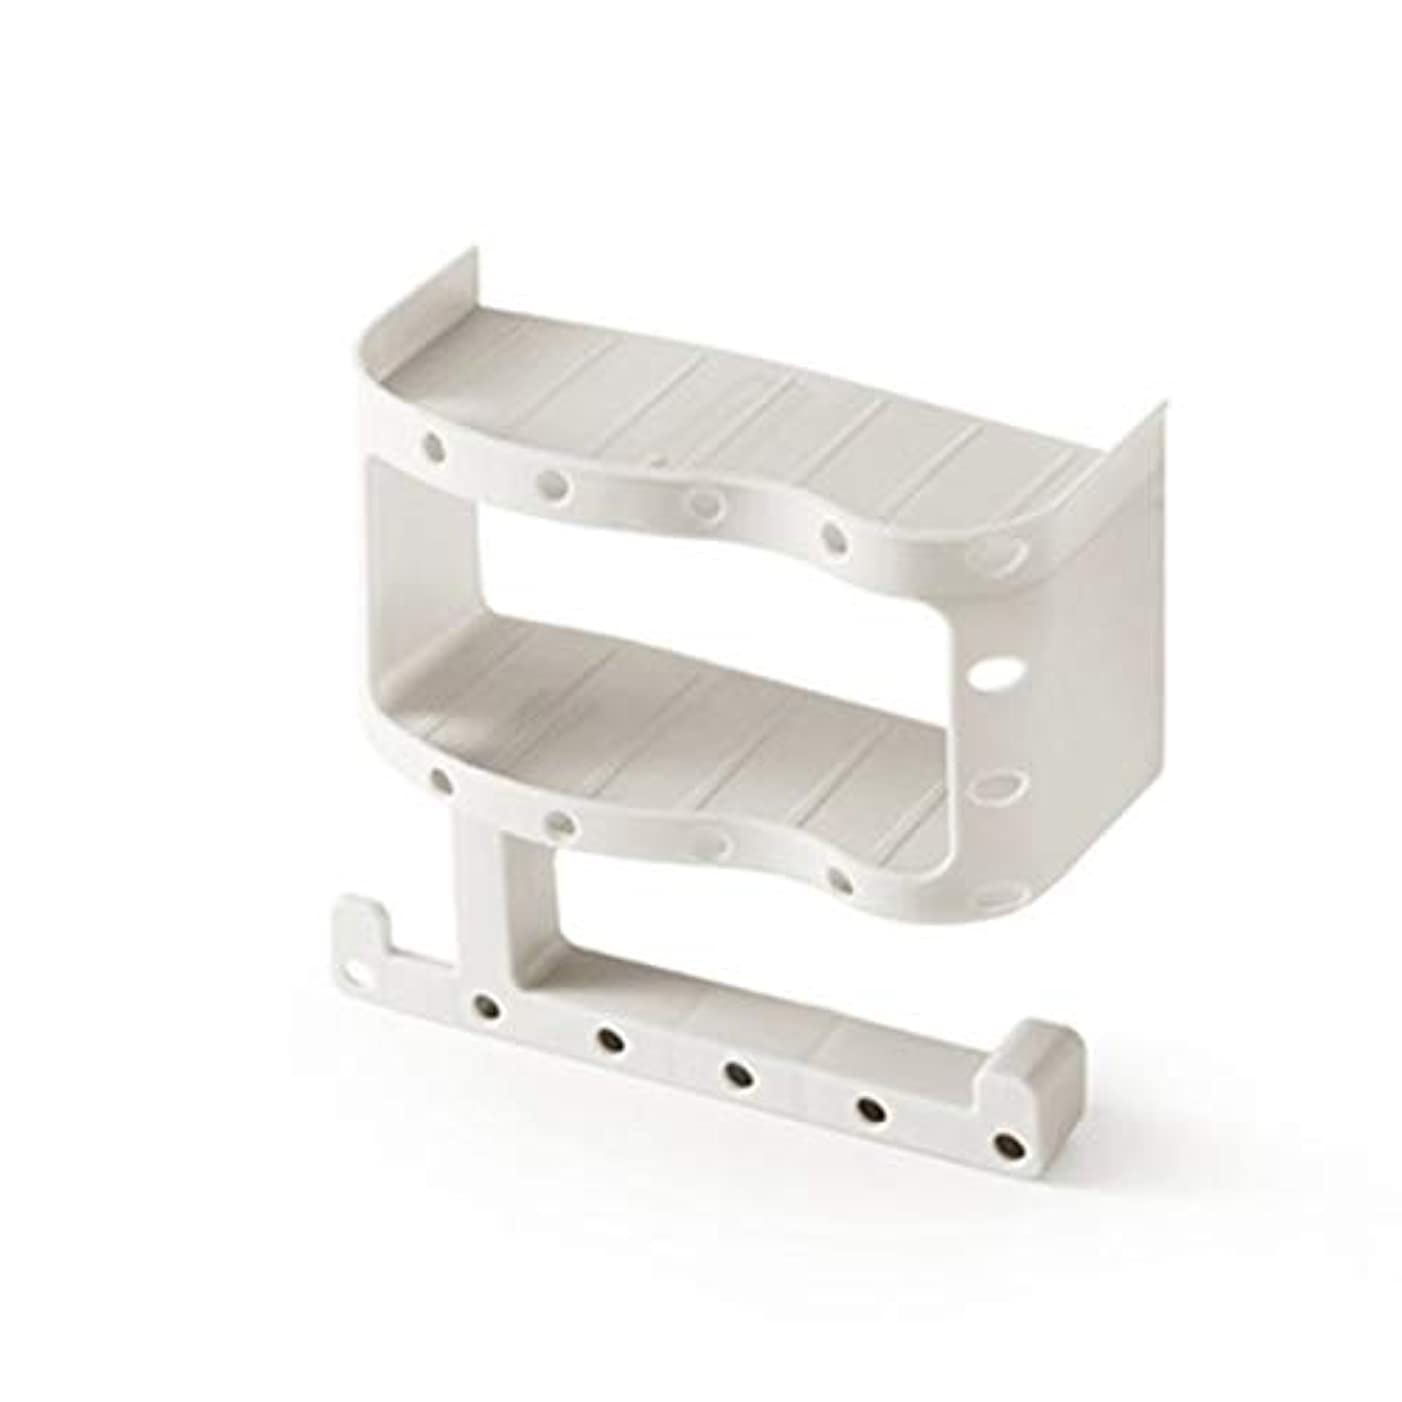 格差利用可能霊シームレスなステッカータオルボックストイレットペーパーボックストイレの防水トイレットペーパーボックスプラスチック吸引カップペーパータオルホルダー-ホワイト